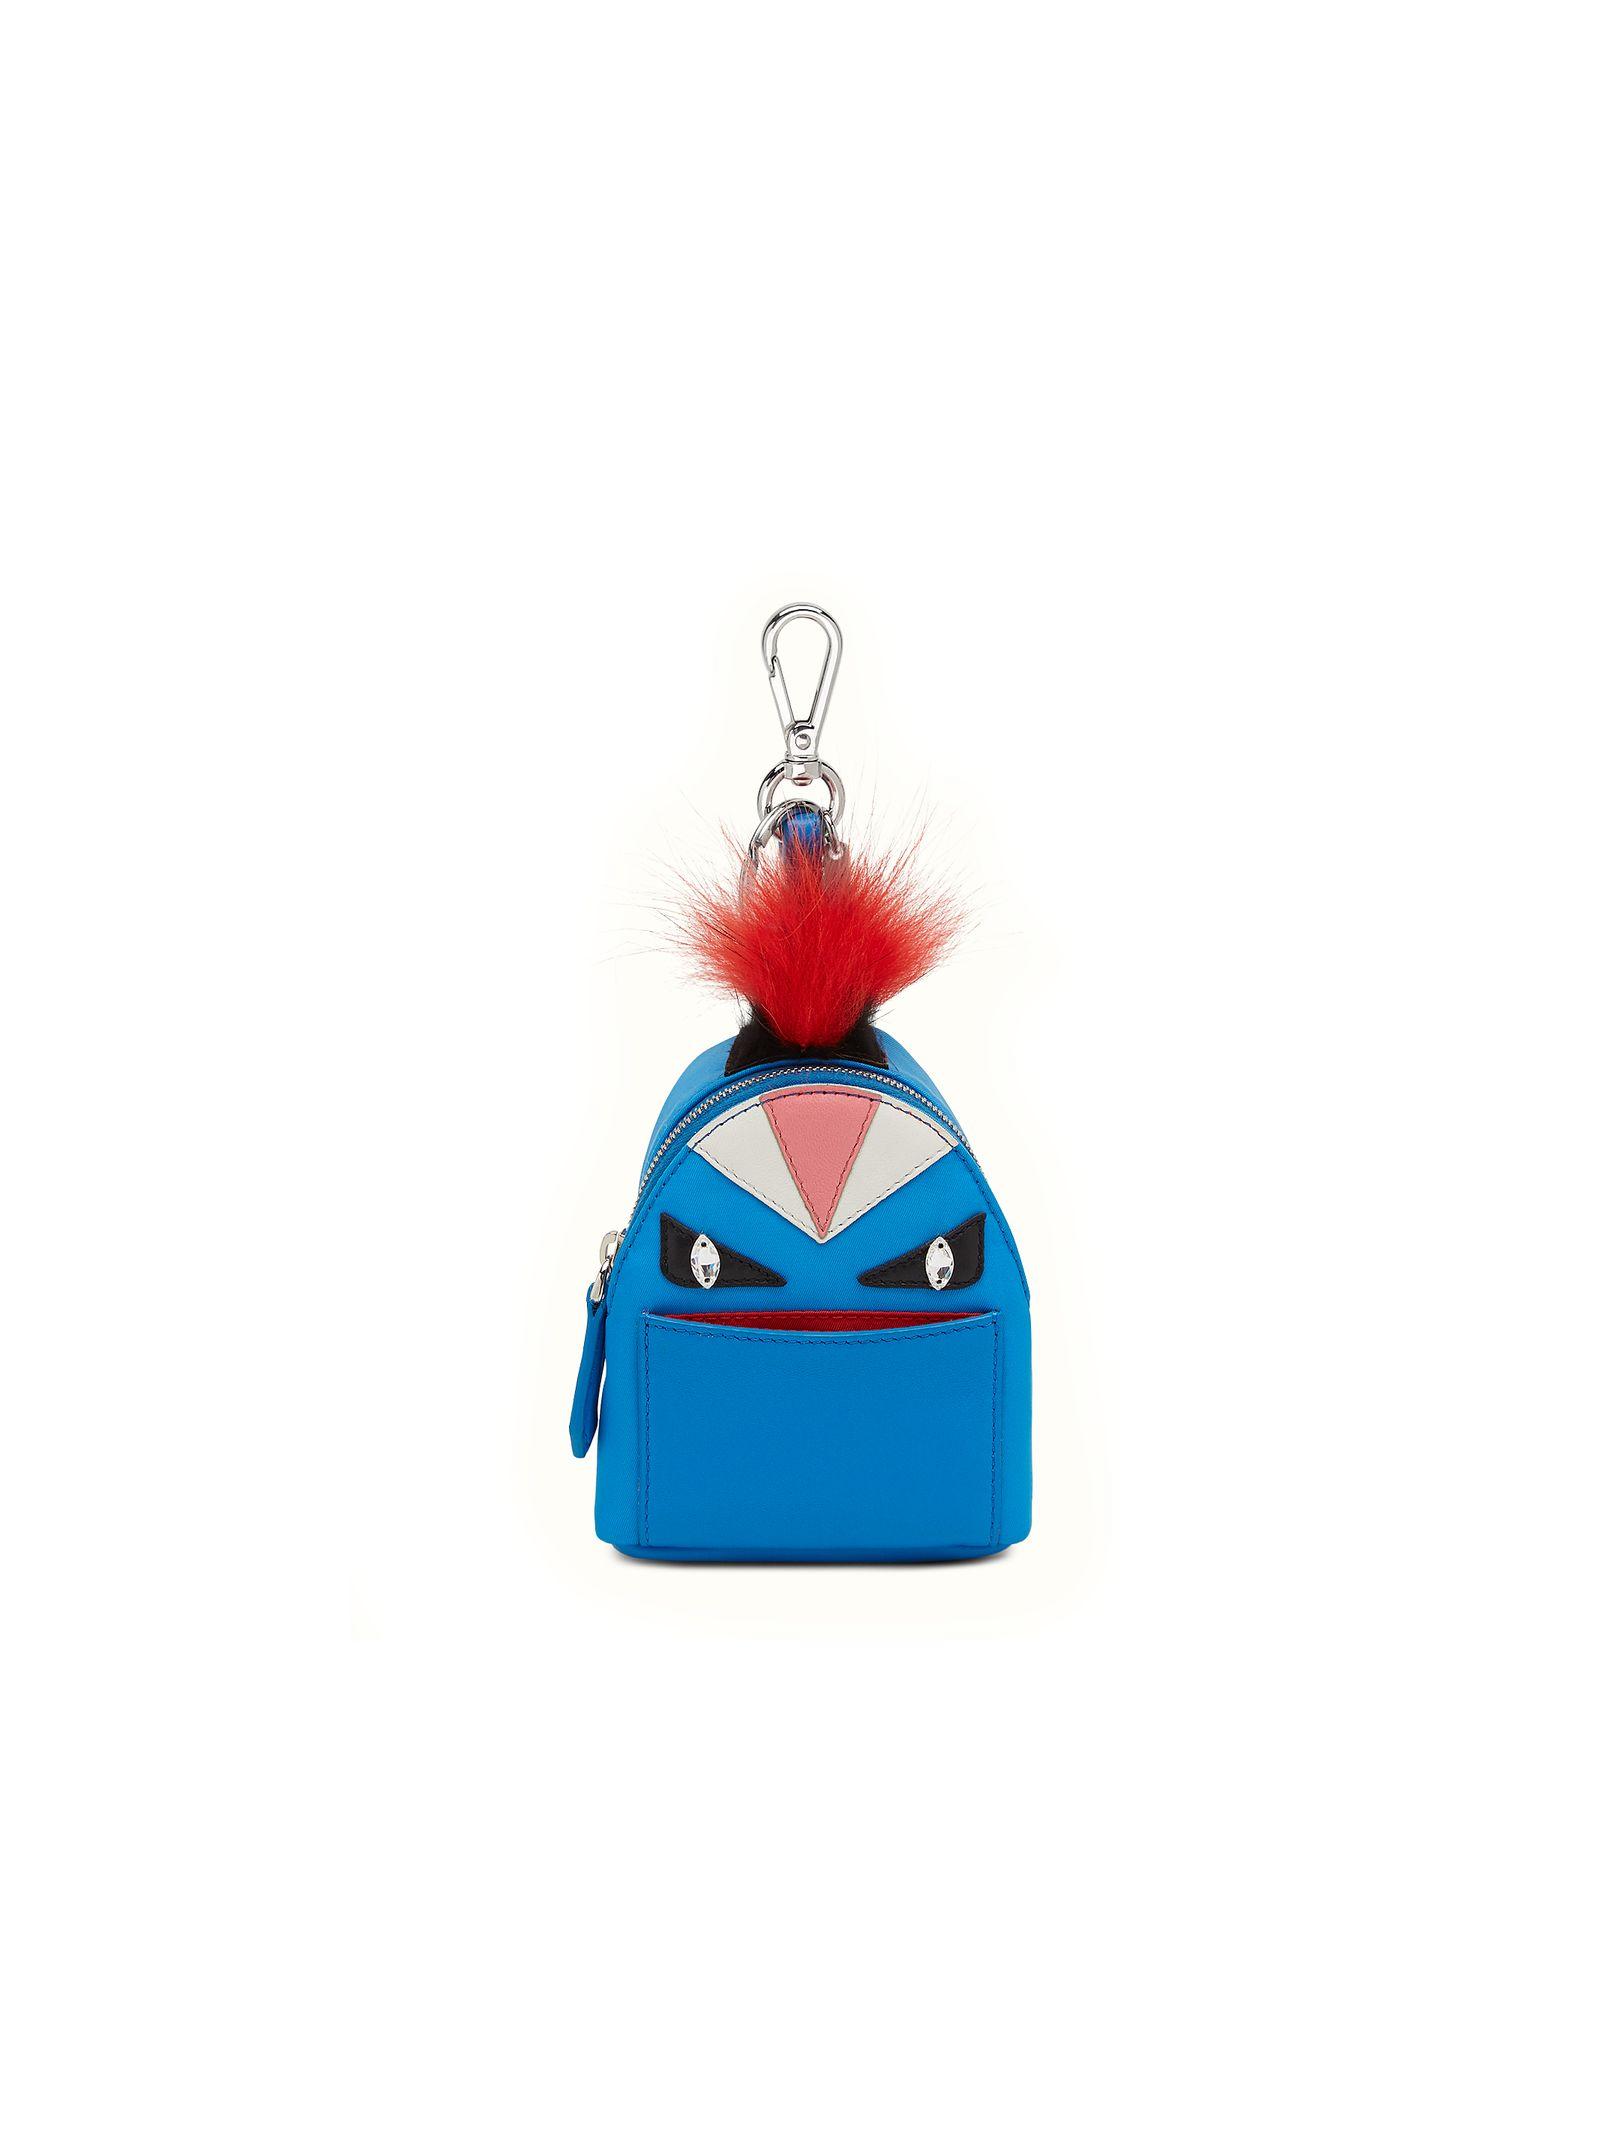 Fendi Backpack Charm